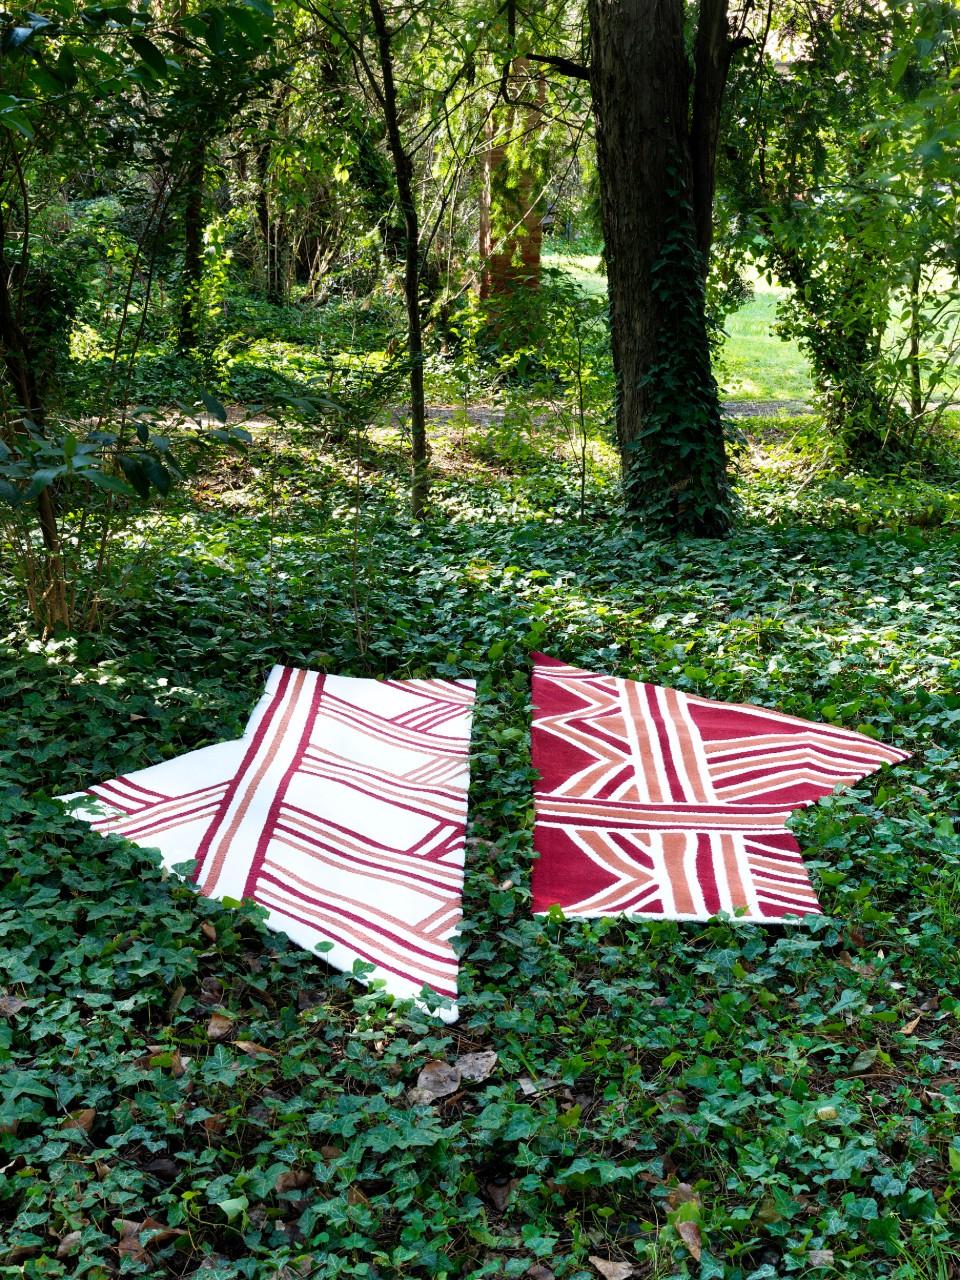 Carpet Edition_Siamo Tutti Uno_Urihi Red_Kyrin White_2